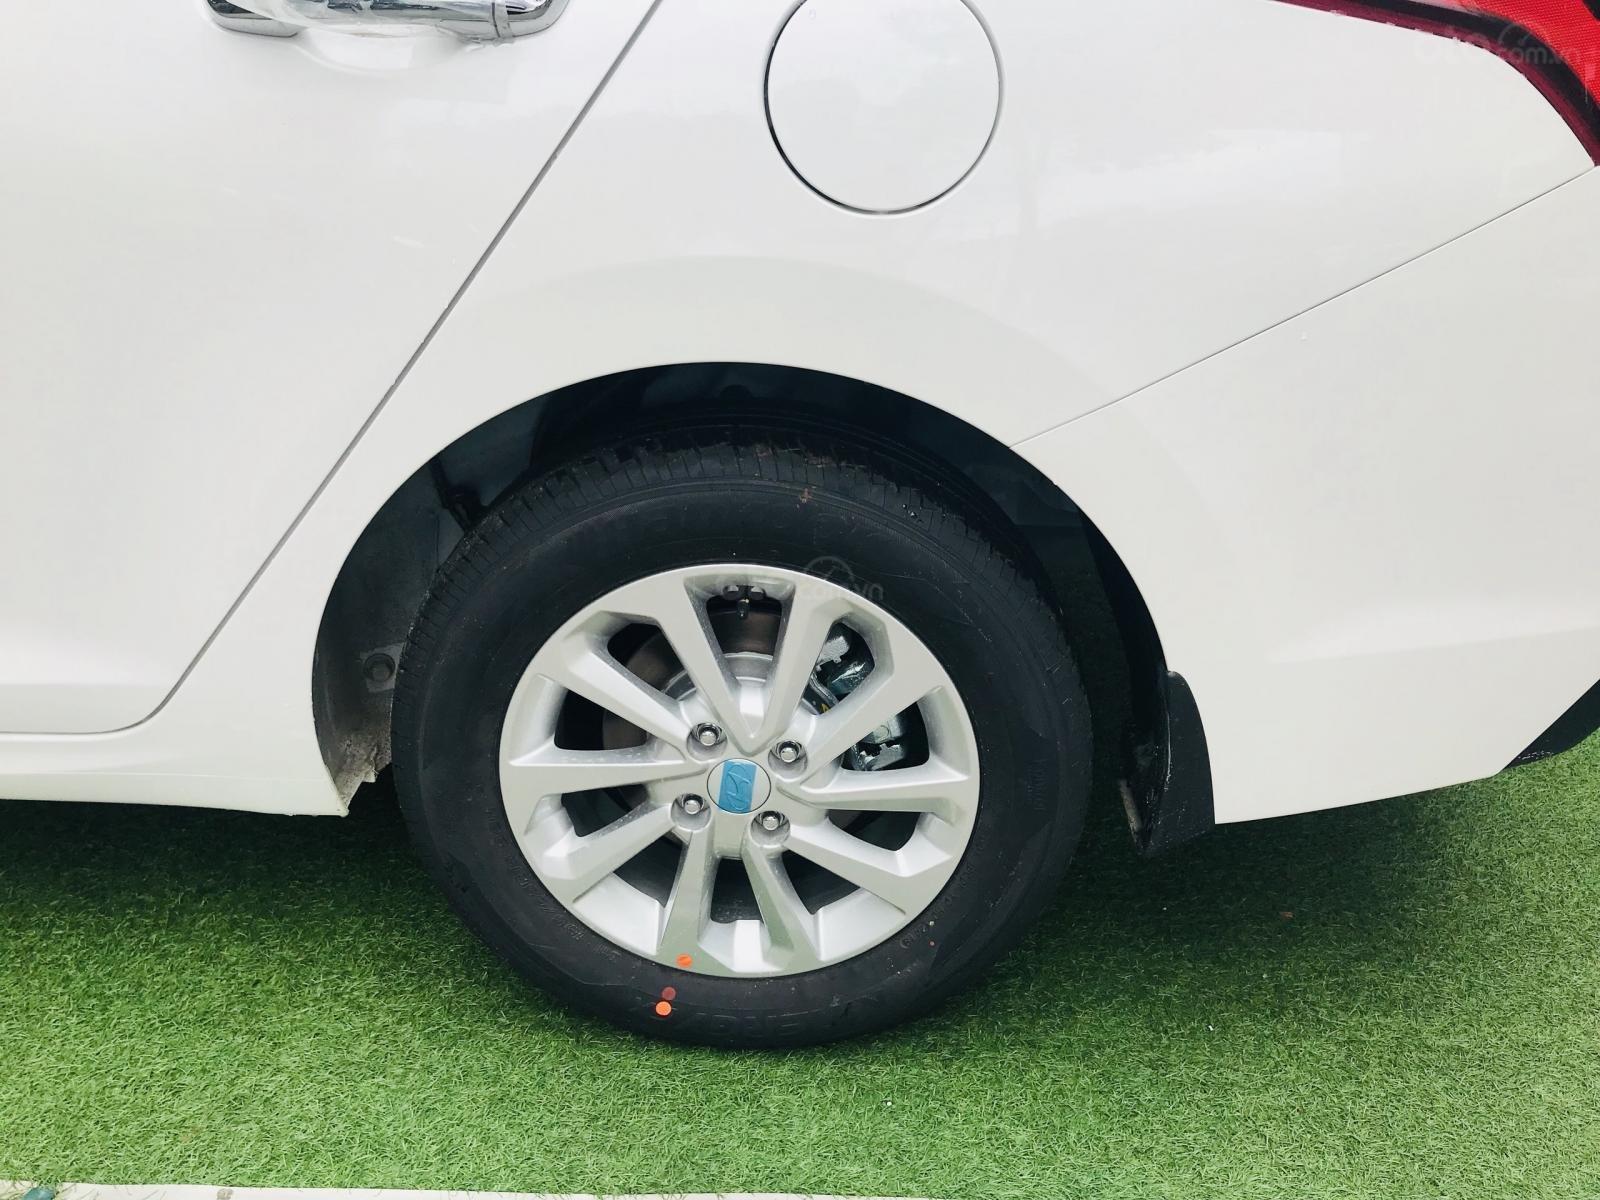 Khuyến mãi + giảm giá + giao xe ngay với Hyundai Accent 2019, hotline: 0974064604 (5)